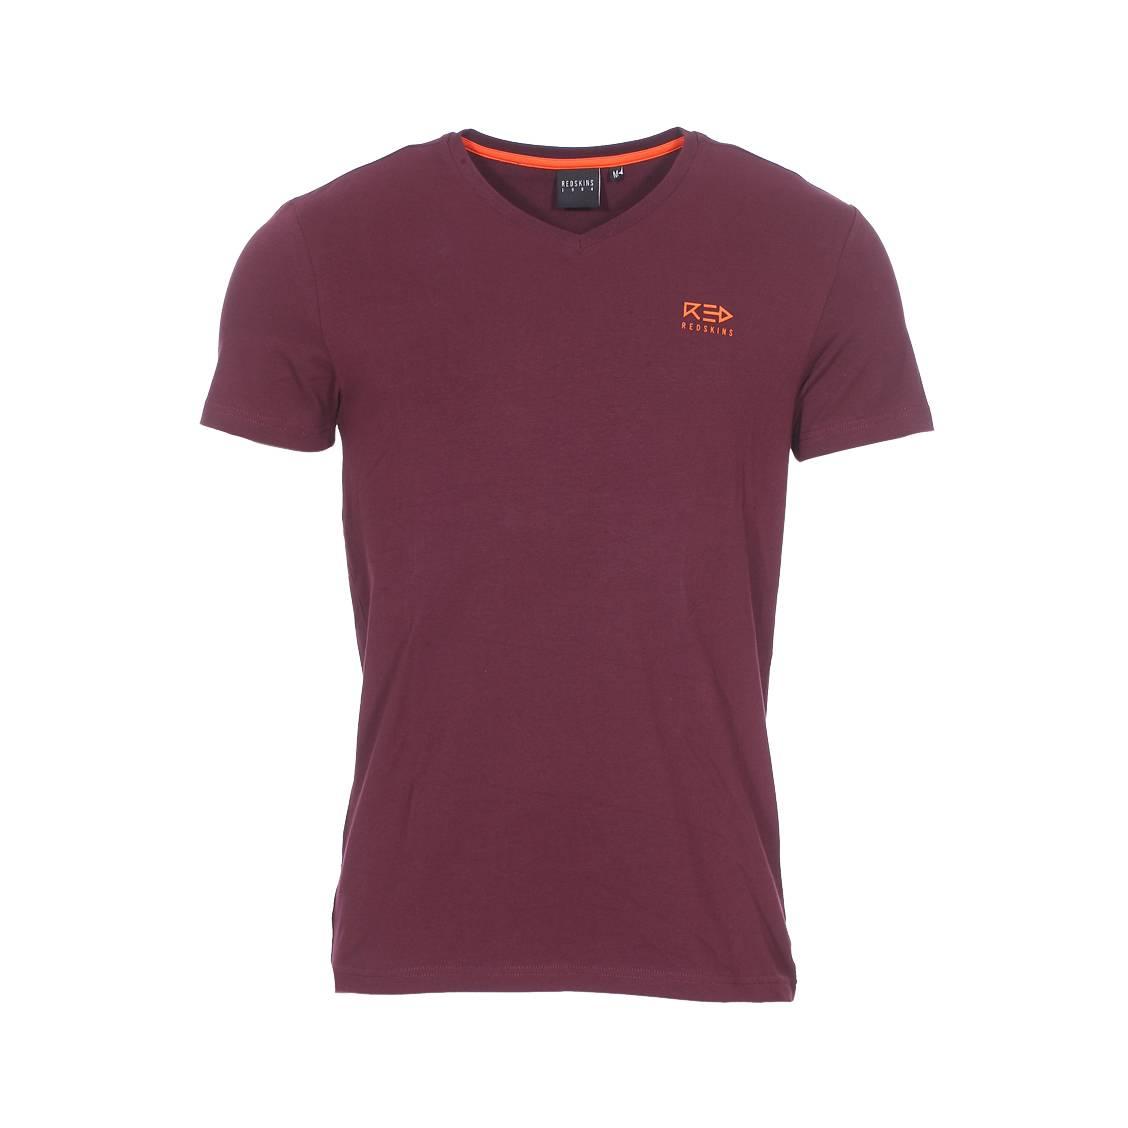 Tee-shirt col v  volter en coton stretch bordeaux floqué